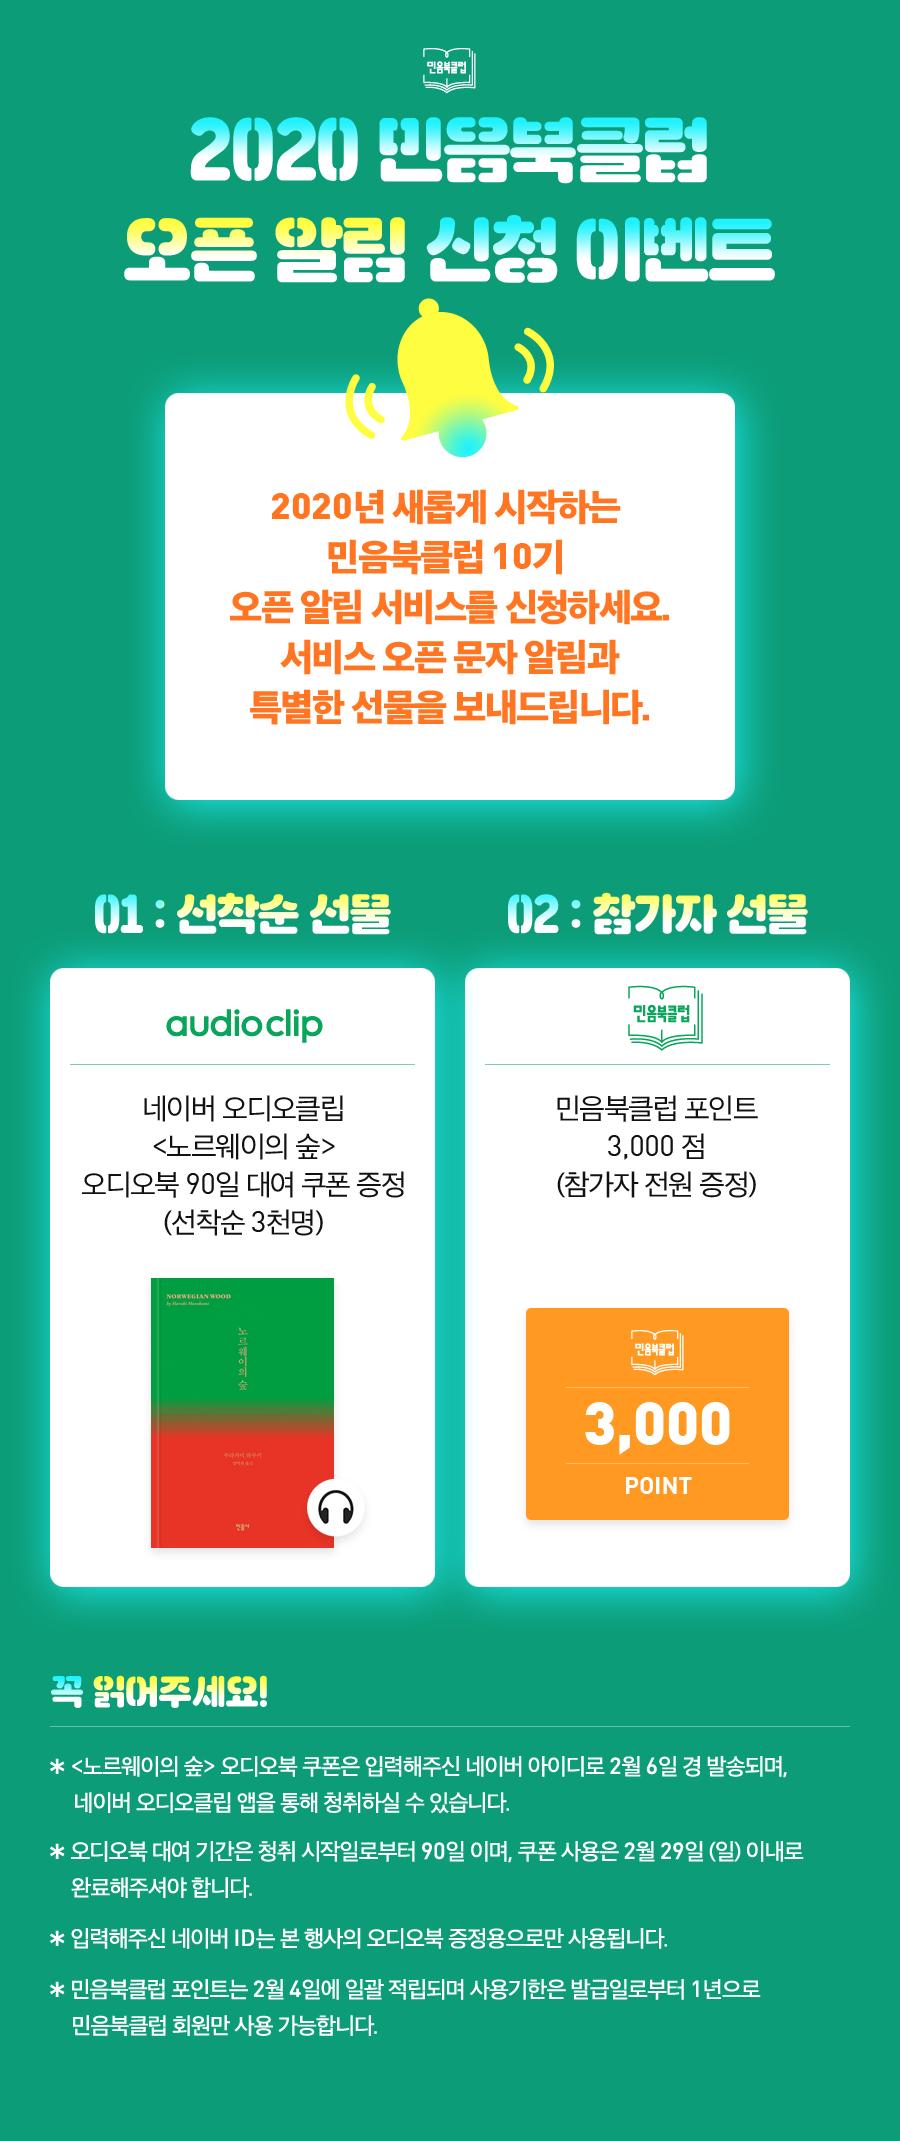 900_민음북클럽_오픈알림신청_01 (2)